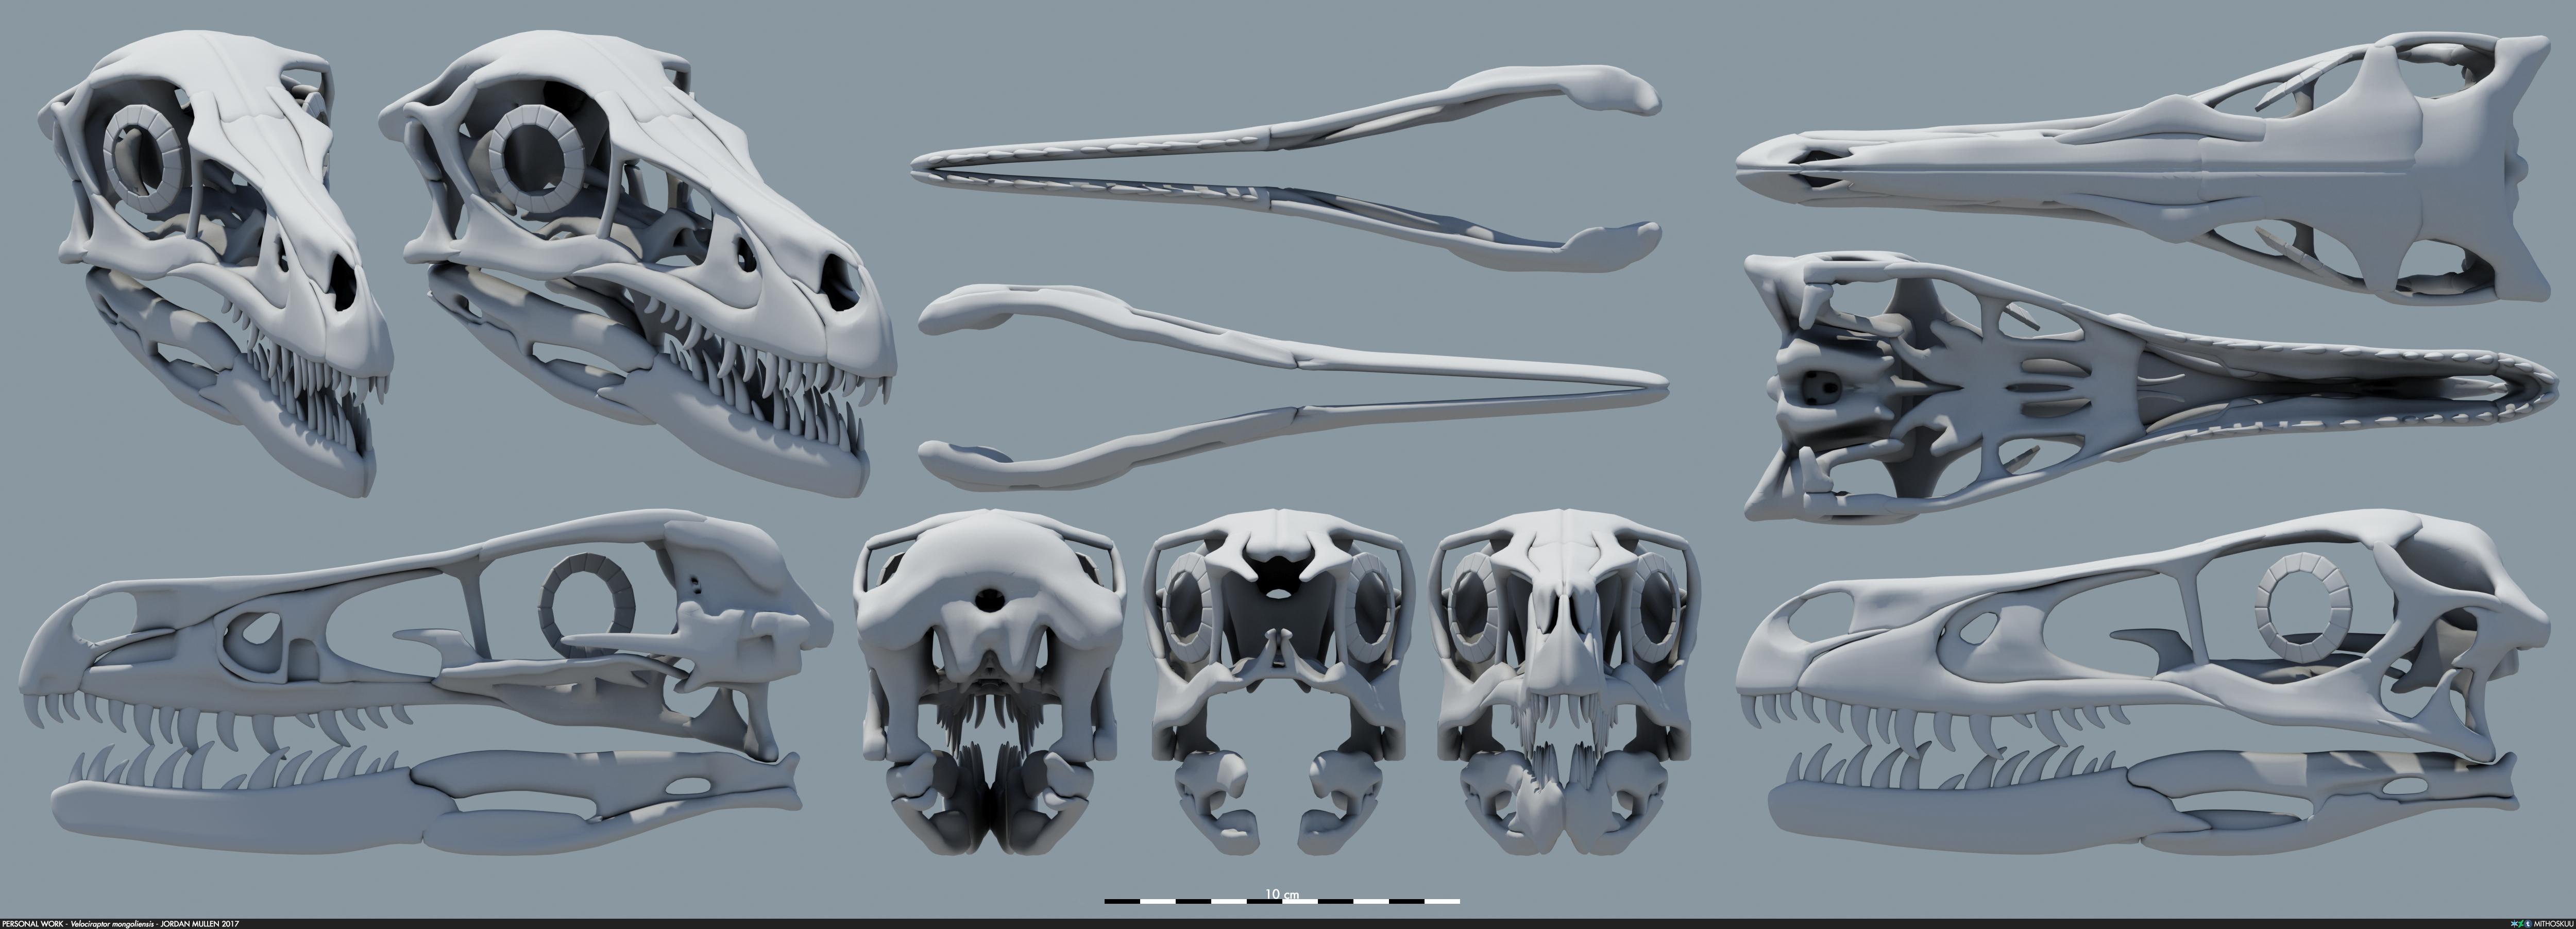 Life-size Velociraptor skeleton soon available as 3D ... |Velociraptor Skull Front